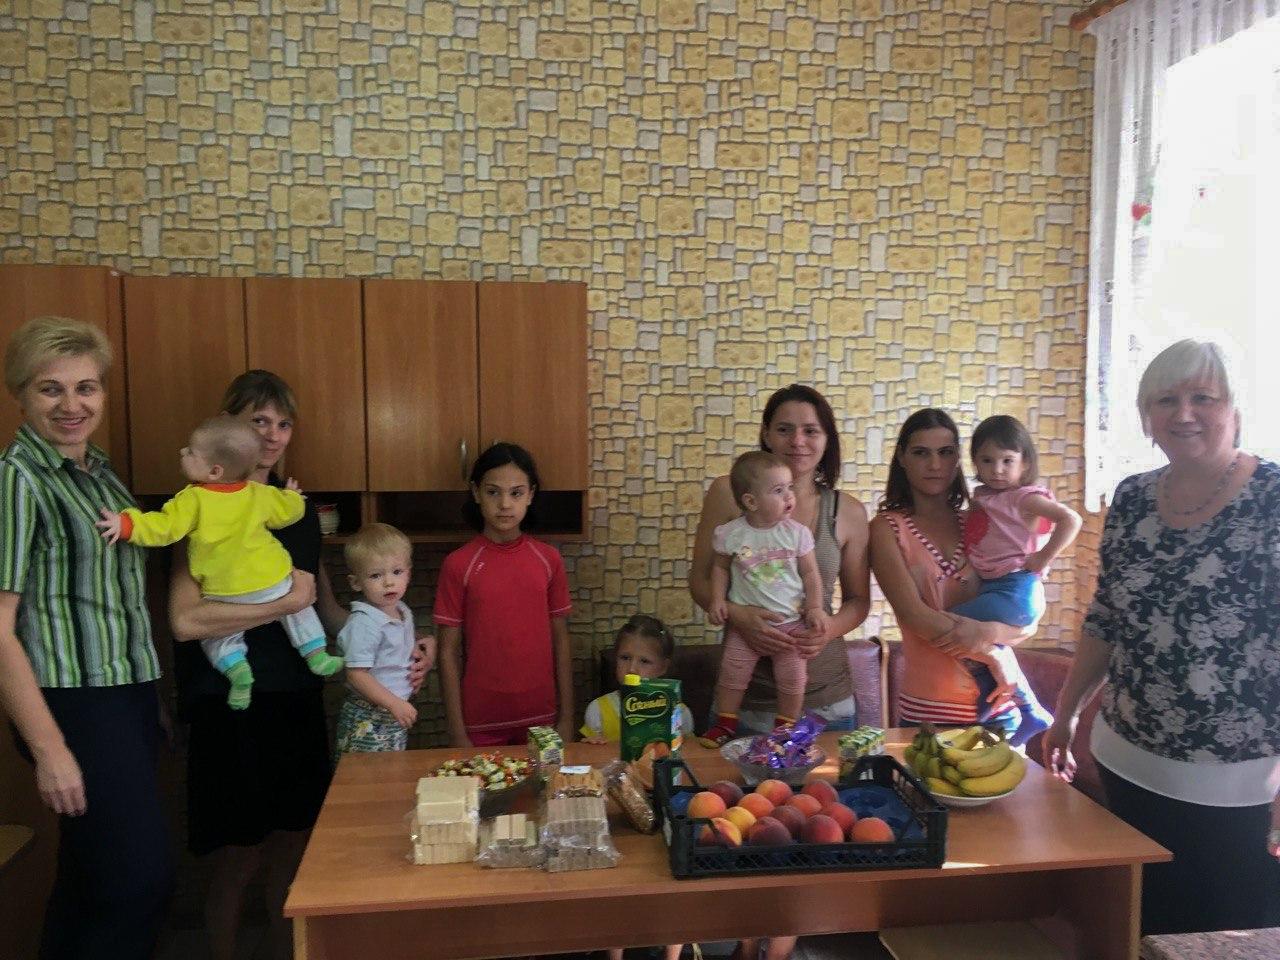 Депутат Народного Совета ЛНР посетила центр социальной поддержки семей, детей и молодёжи Славяносербска